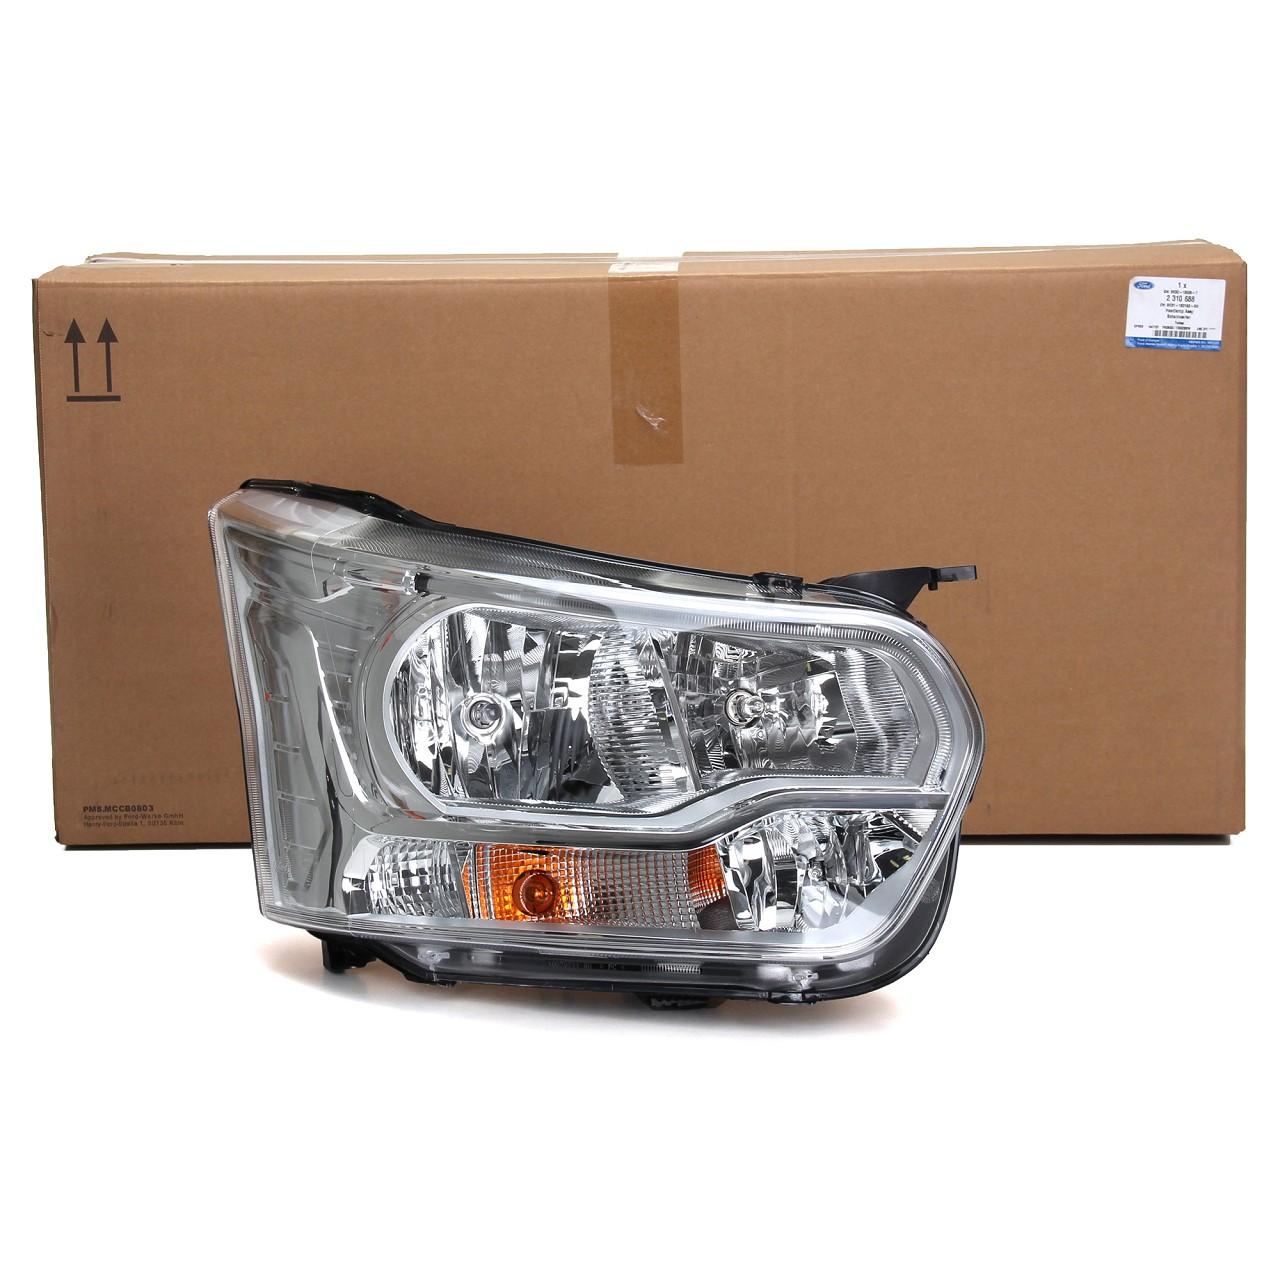 ORIGINAL Ford Scheinwerfer HALOGEN für TRANSIT ab 01.2014 rechts 2310688